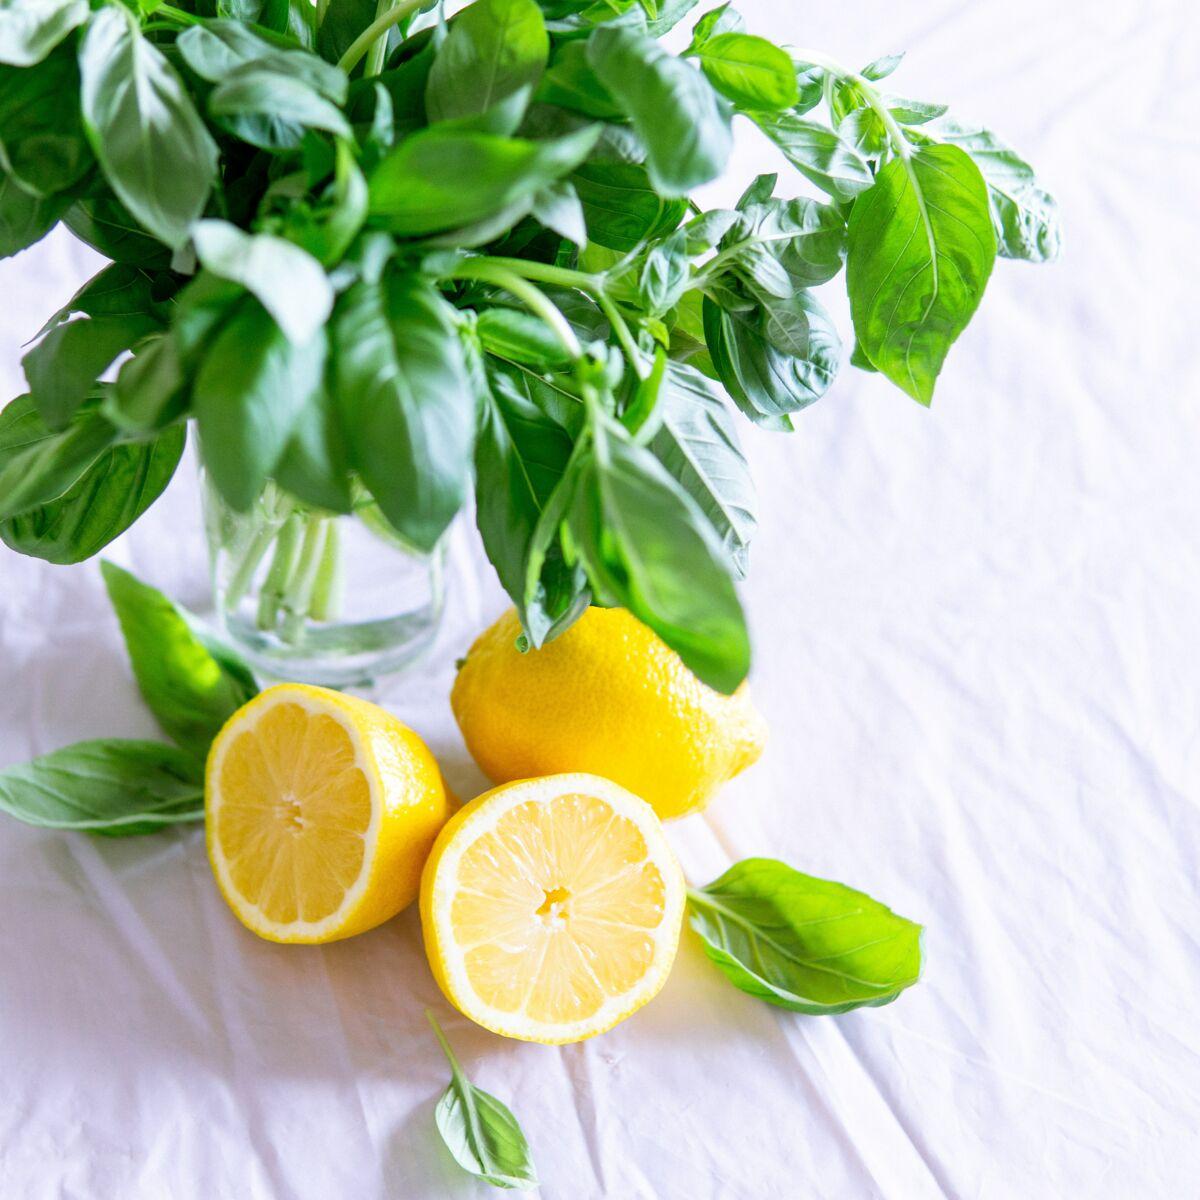 Astuce cuisine : découvrez le meilleur moyen de conserver durablement le basilic!